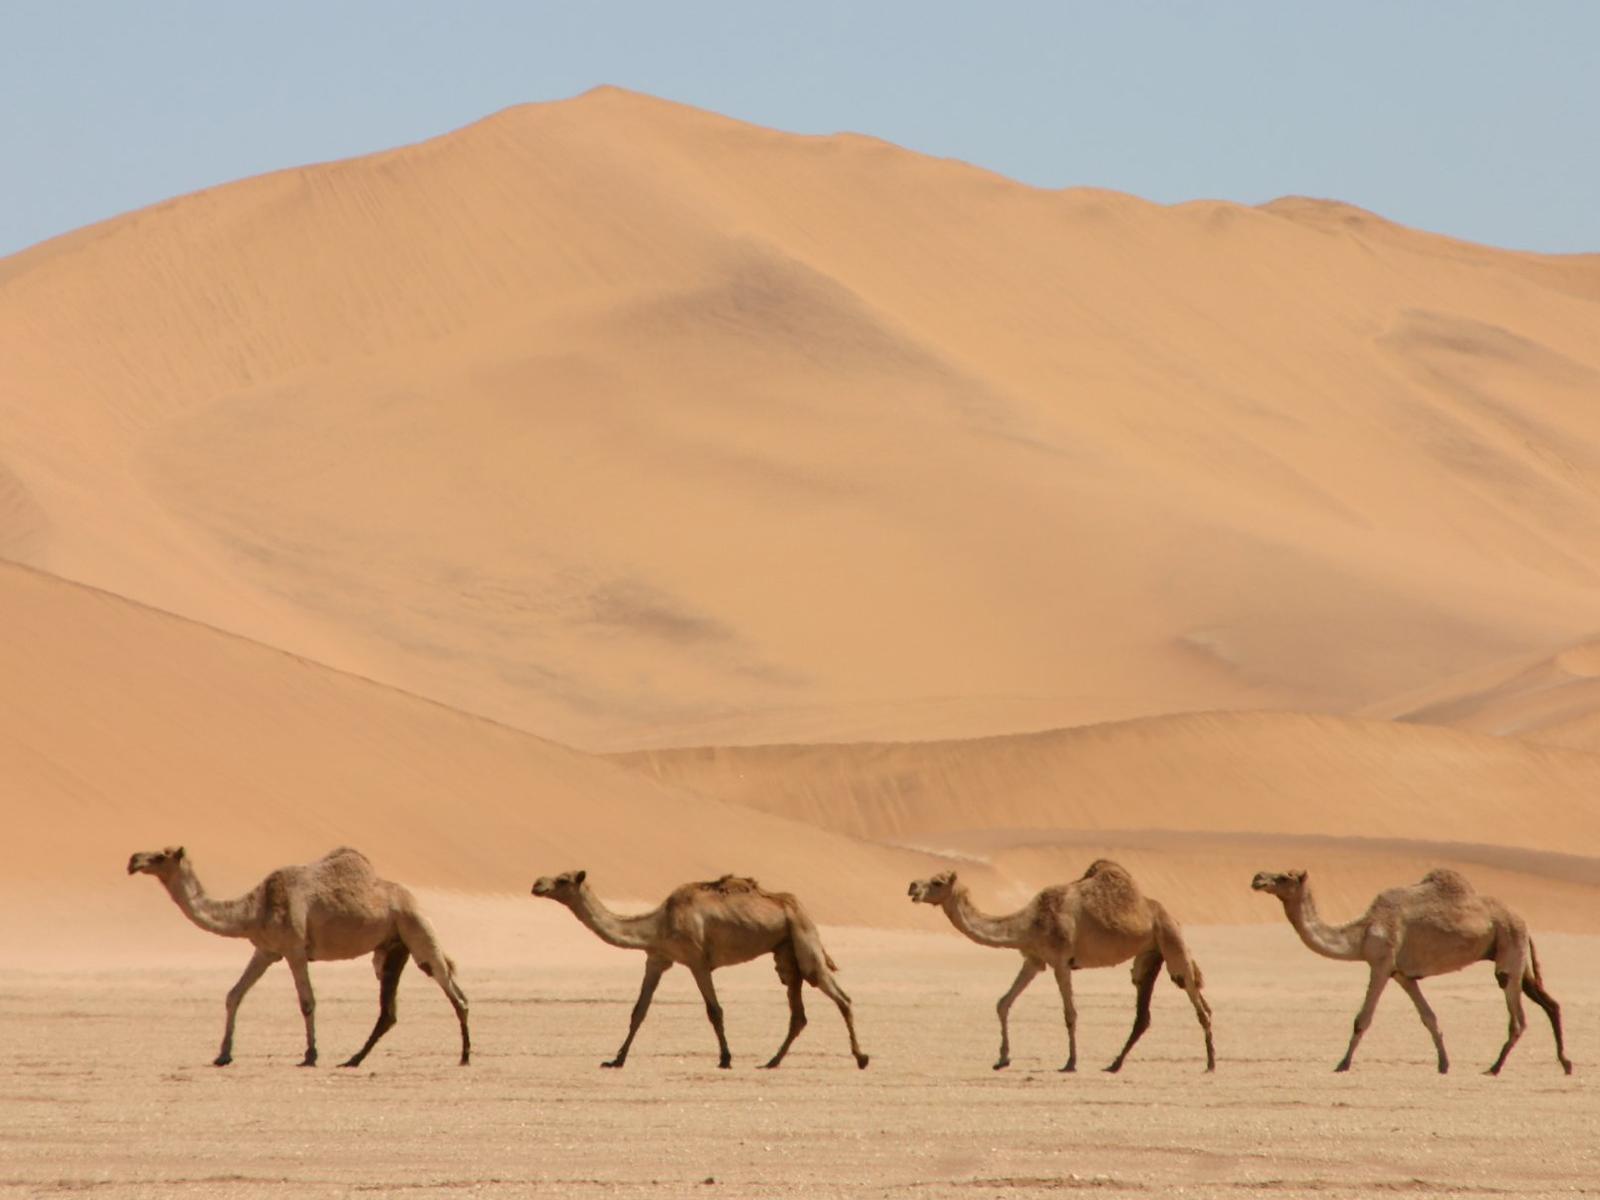 camel computer wallpaper photos 52004